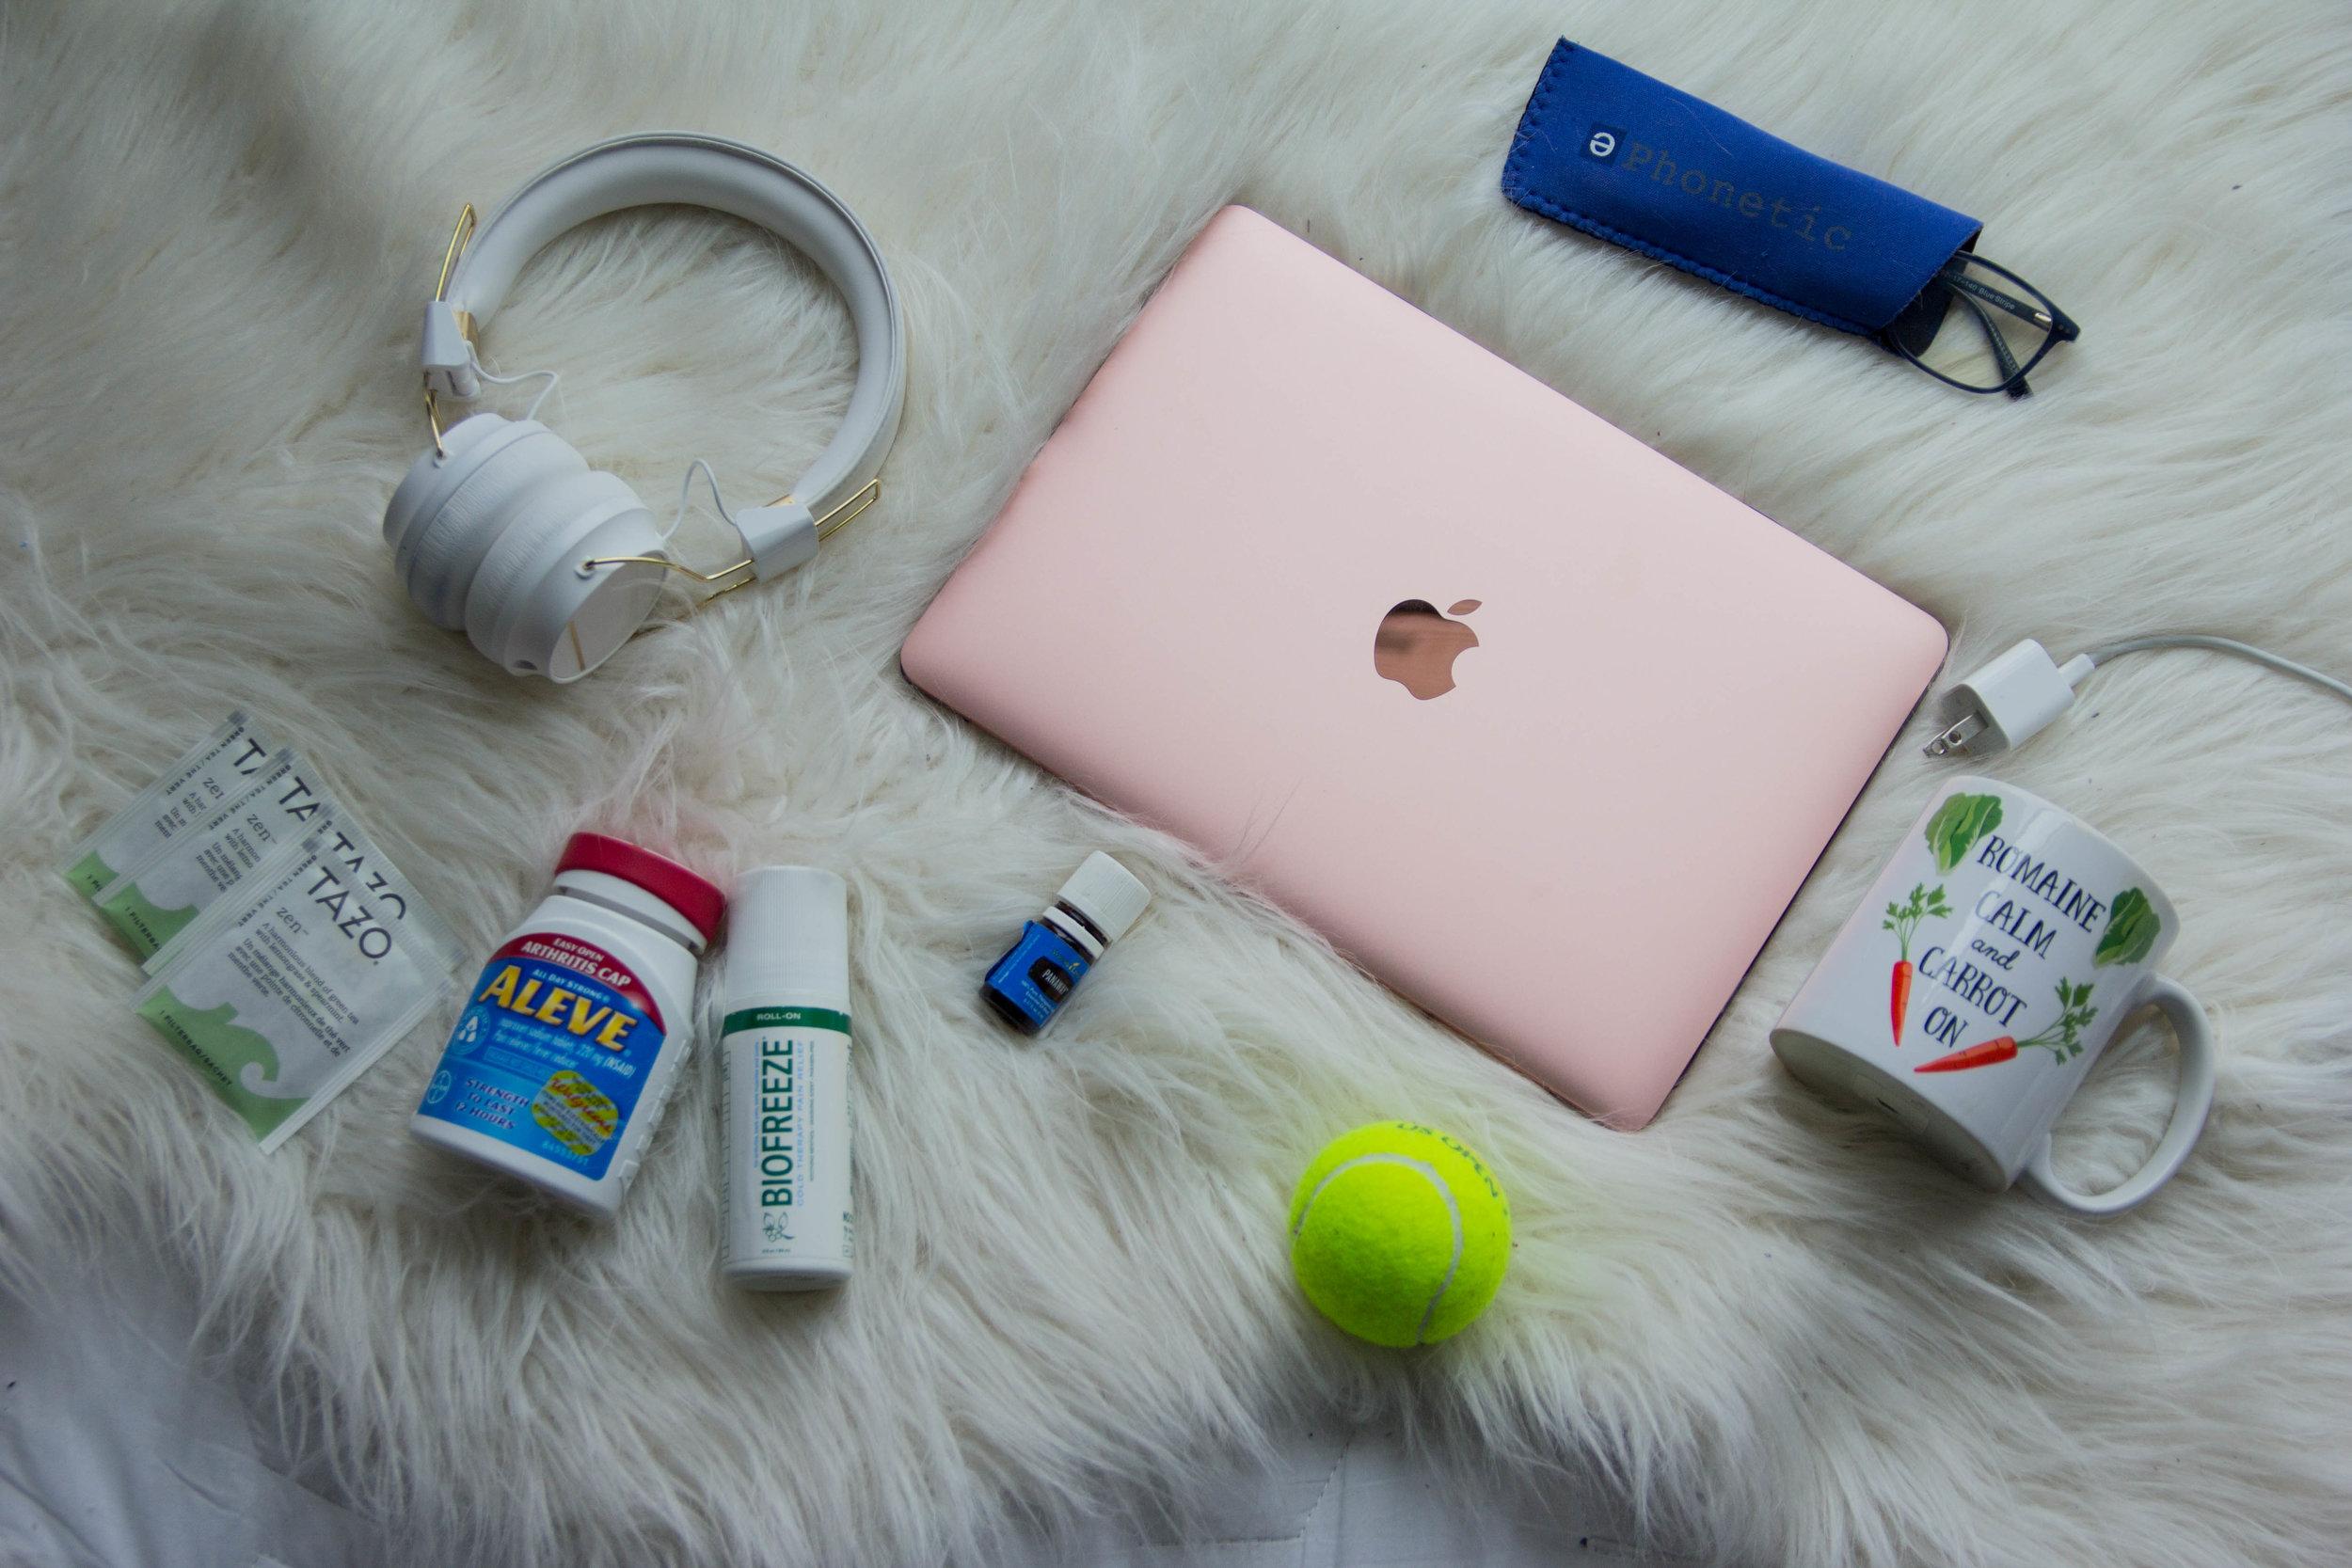 sudio regent headphones, wireless headphones, office essentials, things you need for your office, mac, biofreeze, phonetic eyewear, computer glasses, zen tea, panaway